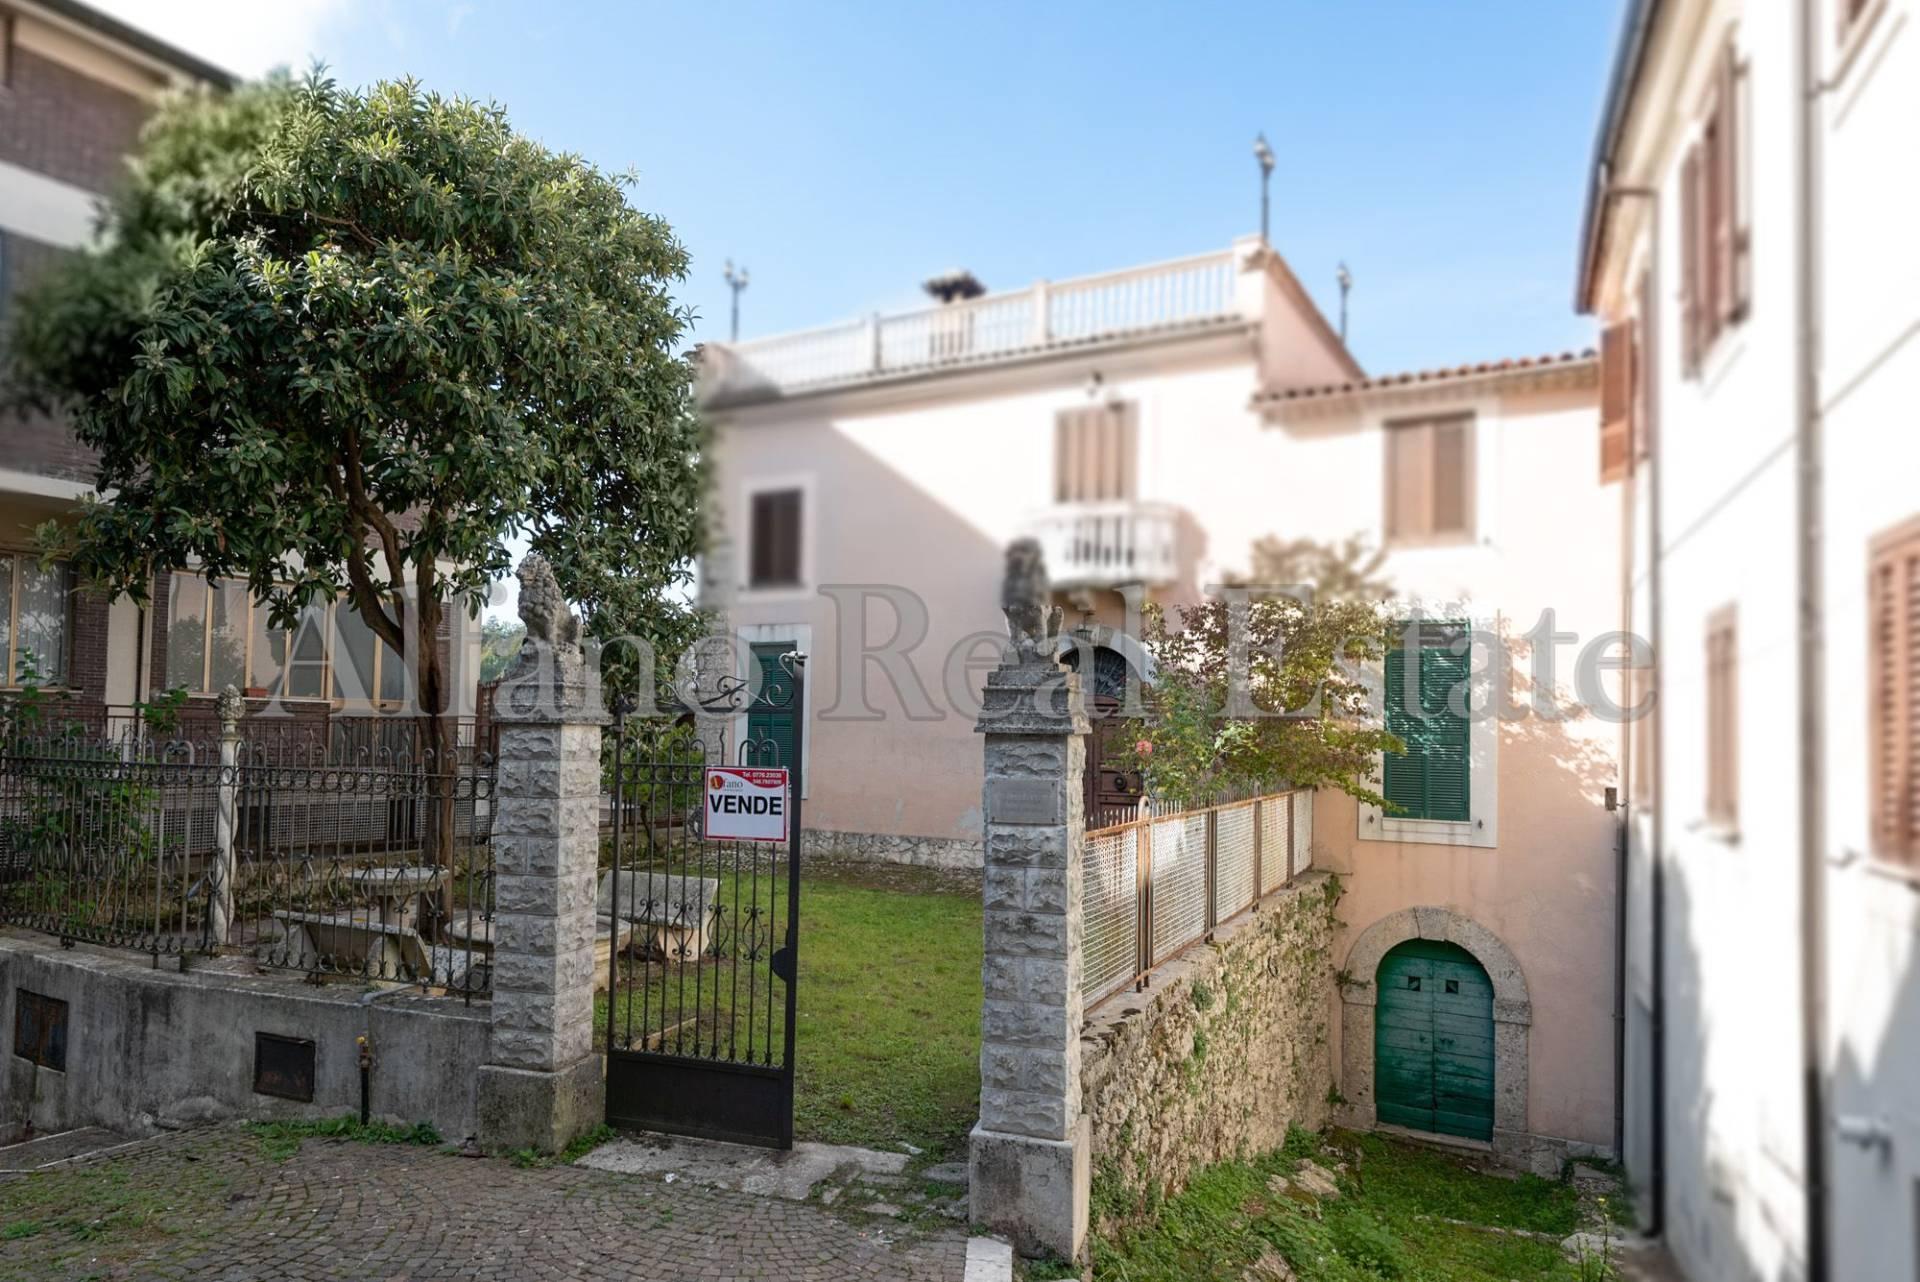 Villa in vendita a Santopadre, 14 locali, prezzo € 110.000 | CambioCasa.it